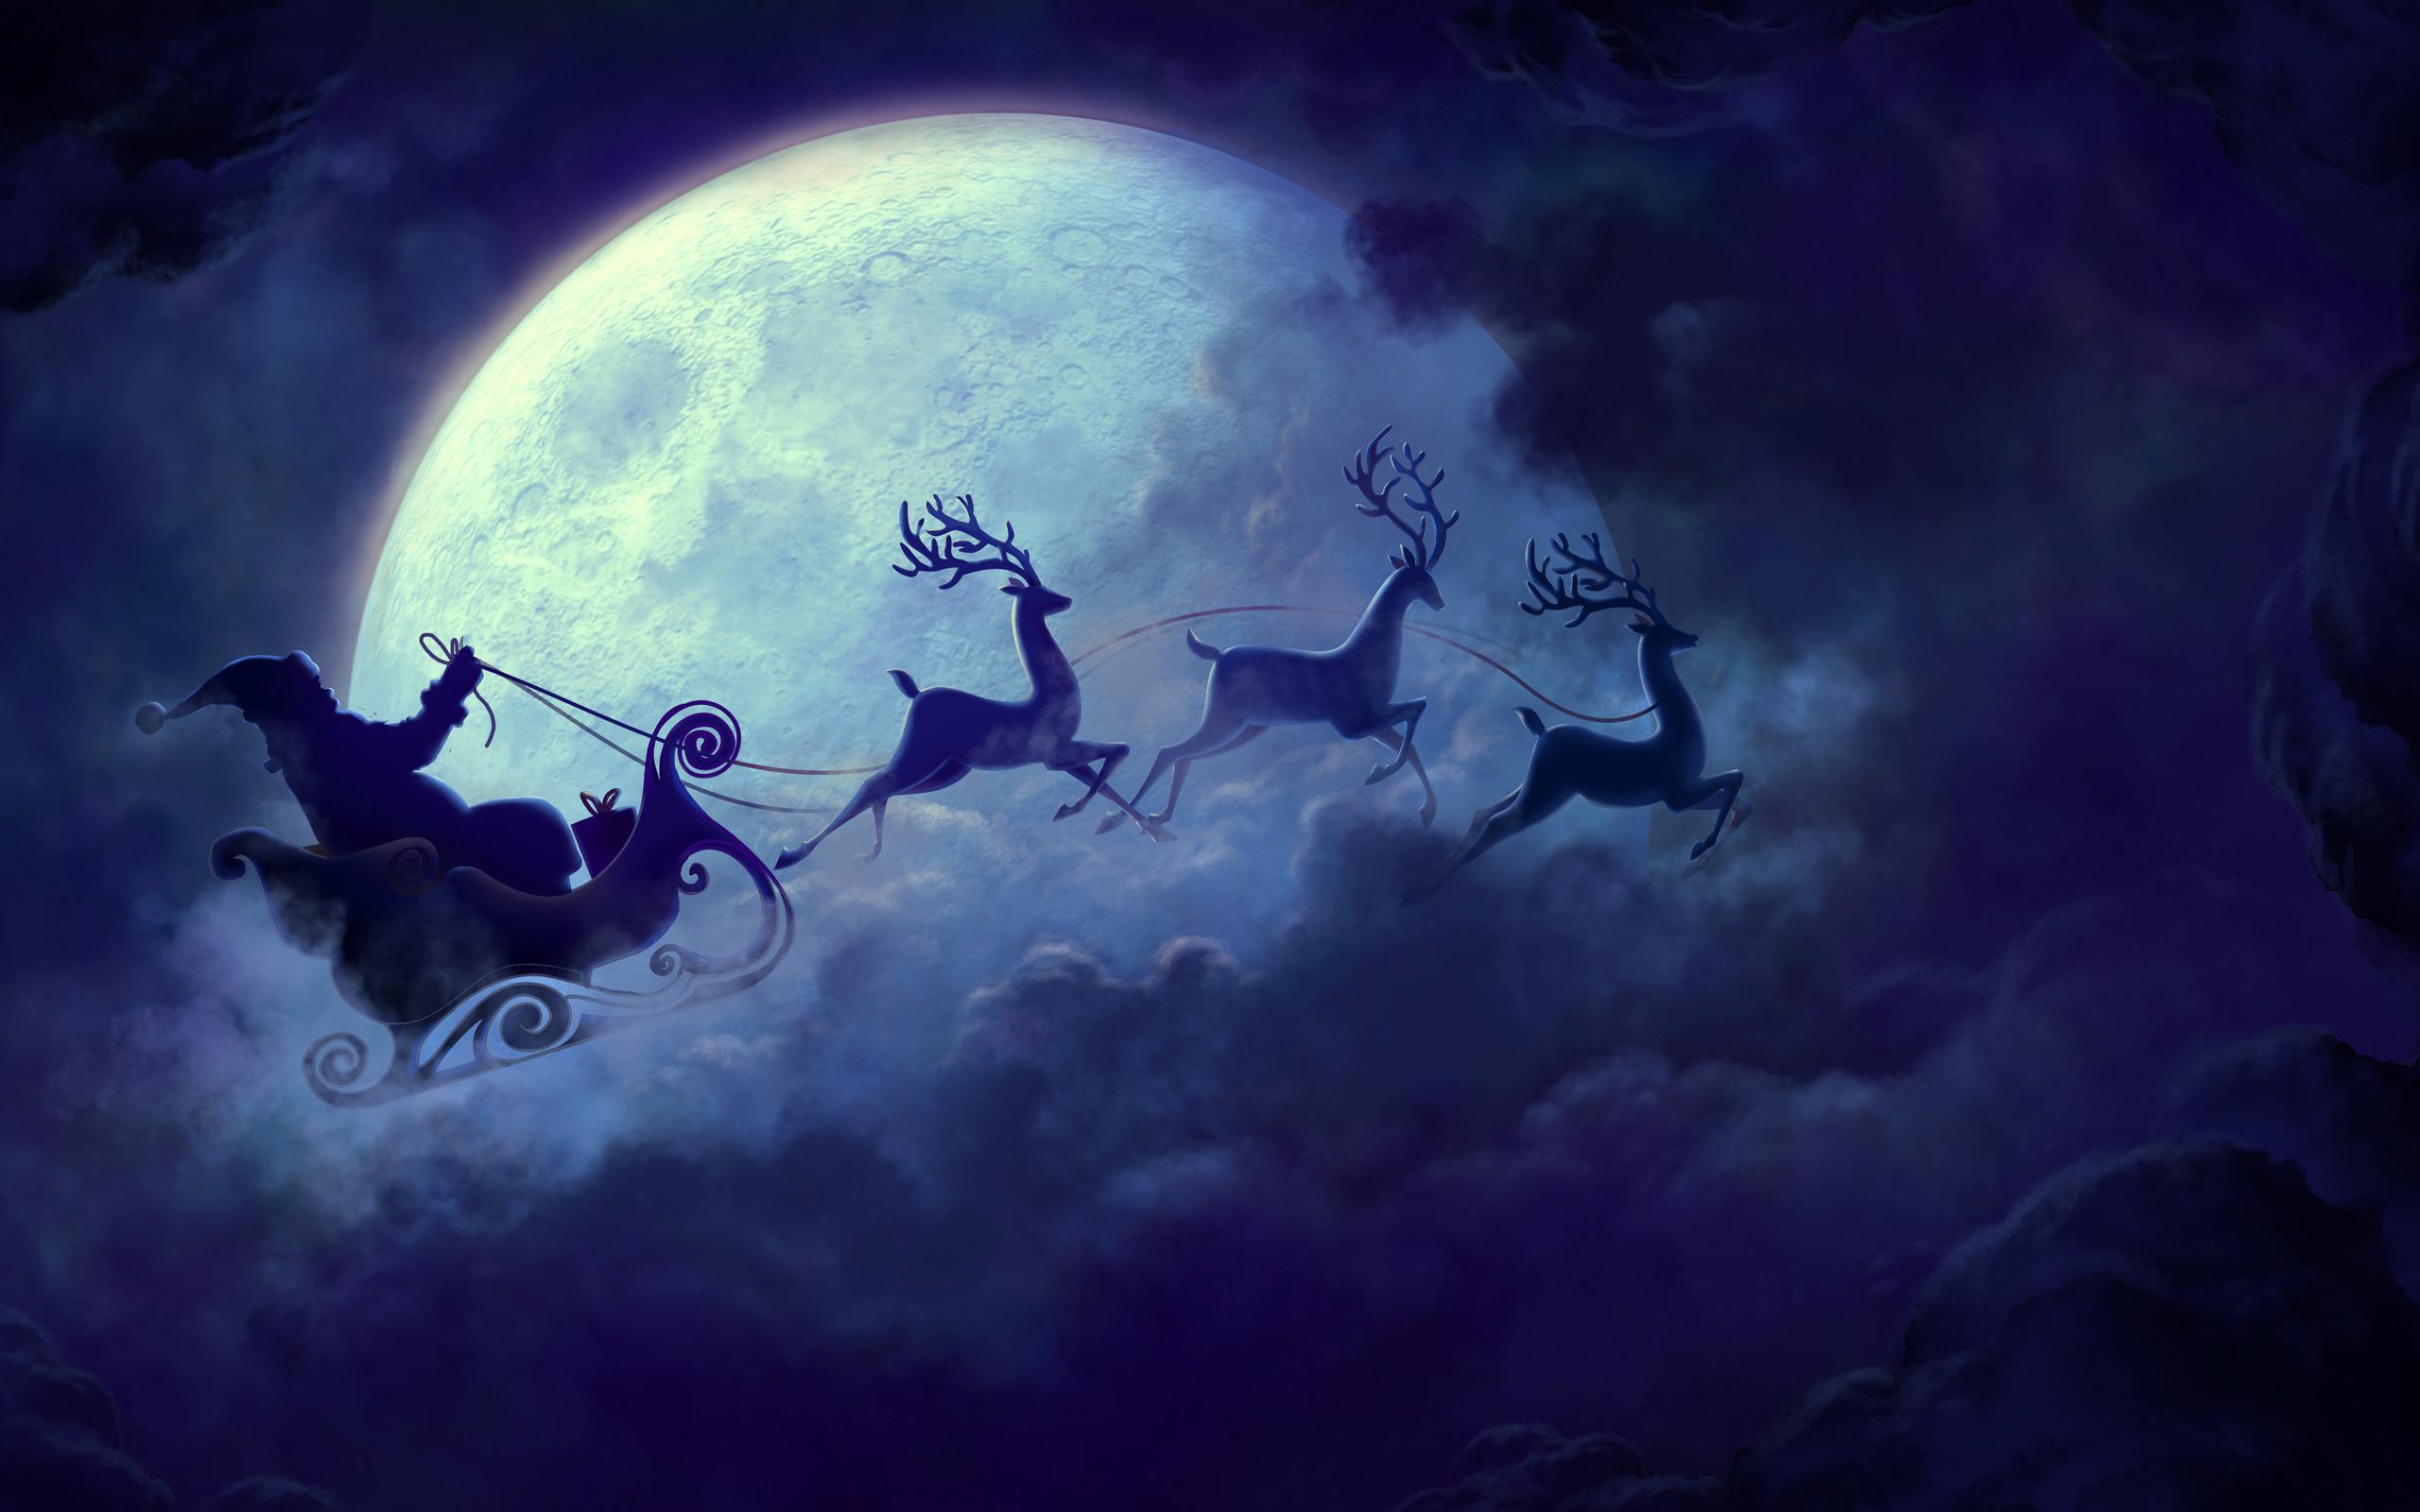 HD Wallpapers Santa Claus Moon